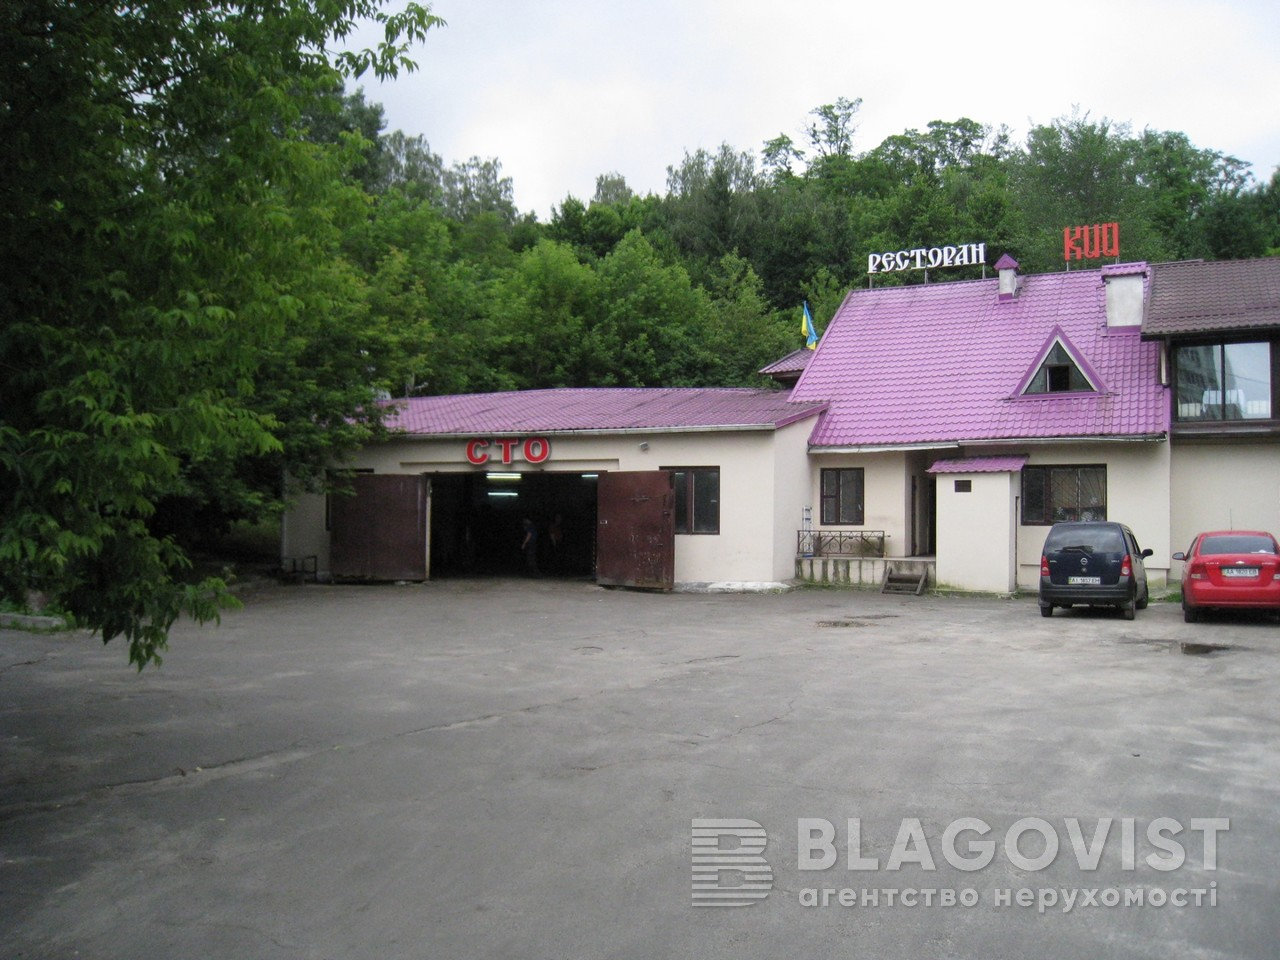 Ресторан, X-6398, Механізаторів, Київ - Фото 1